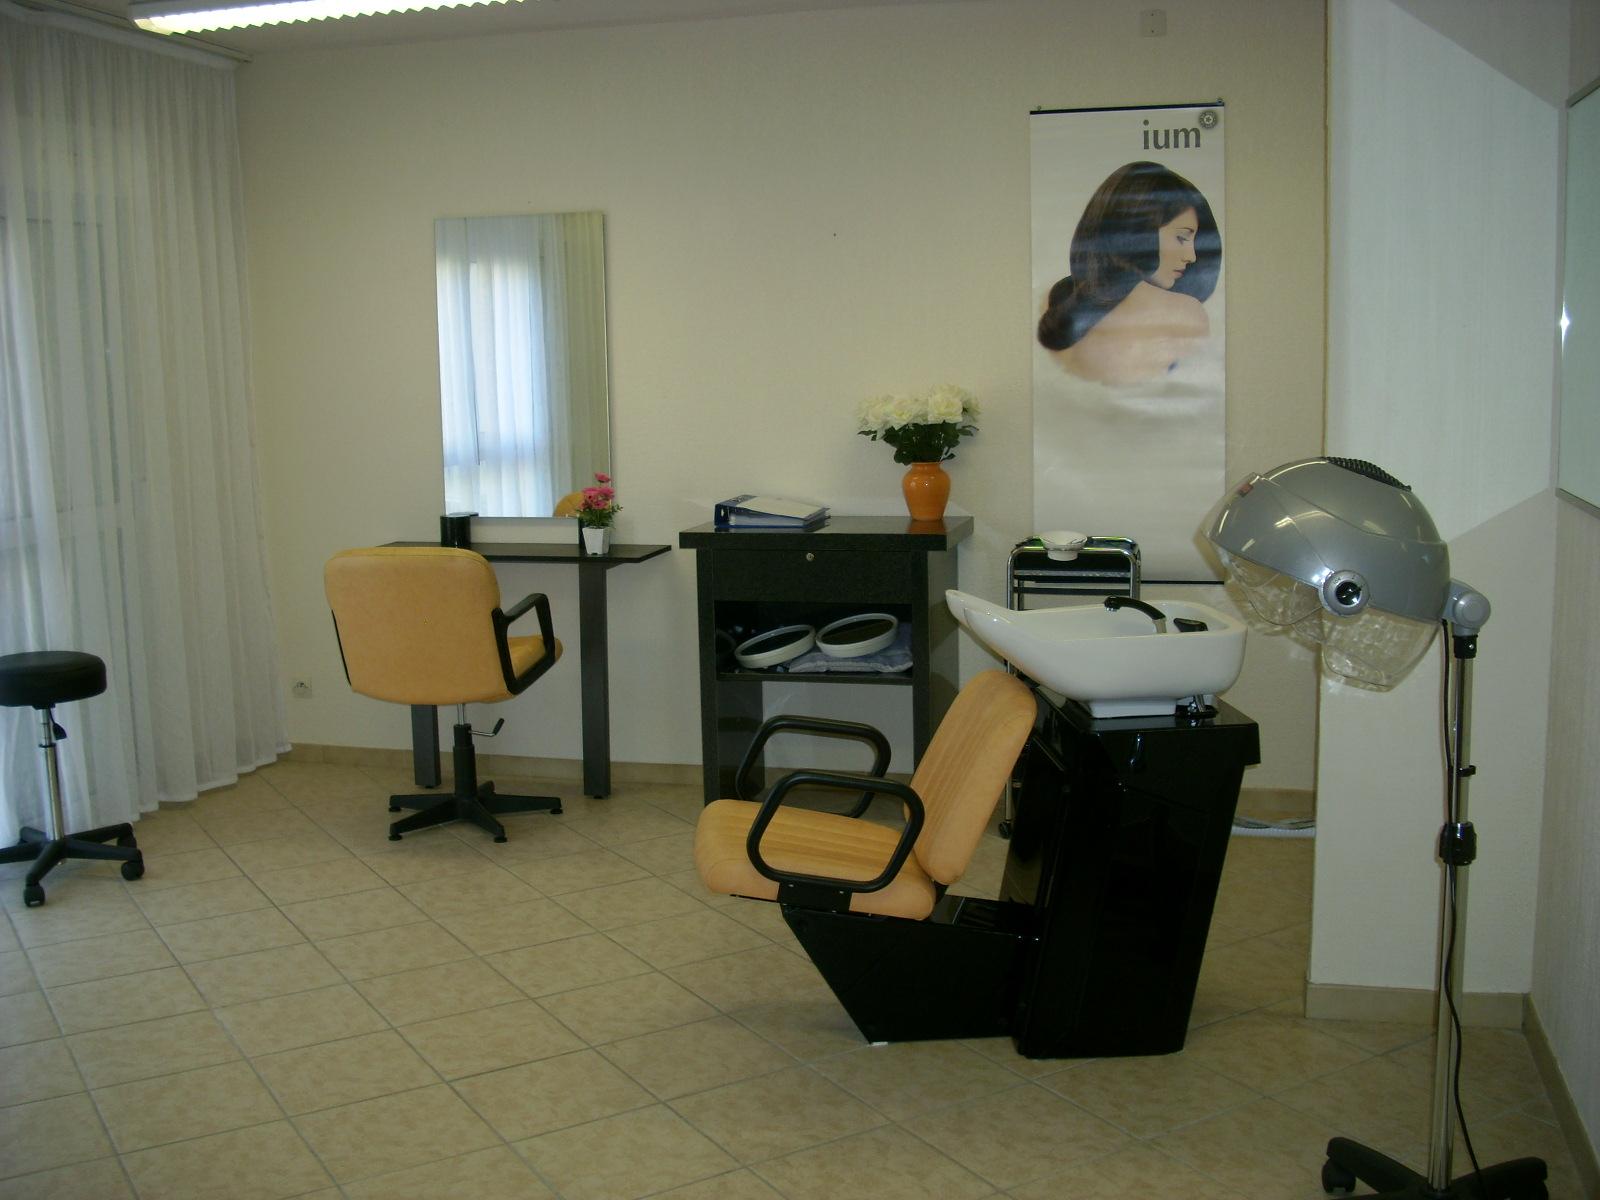 Photos for Salon de coiffure tchip